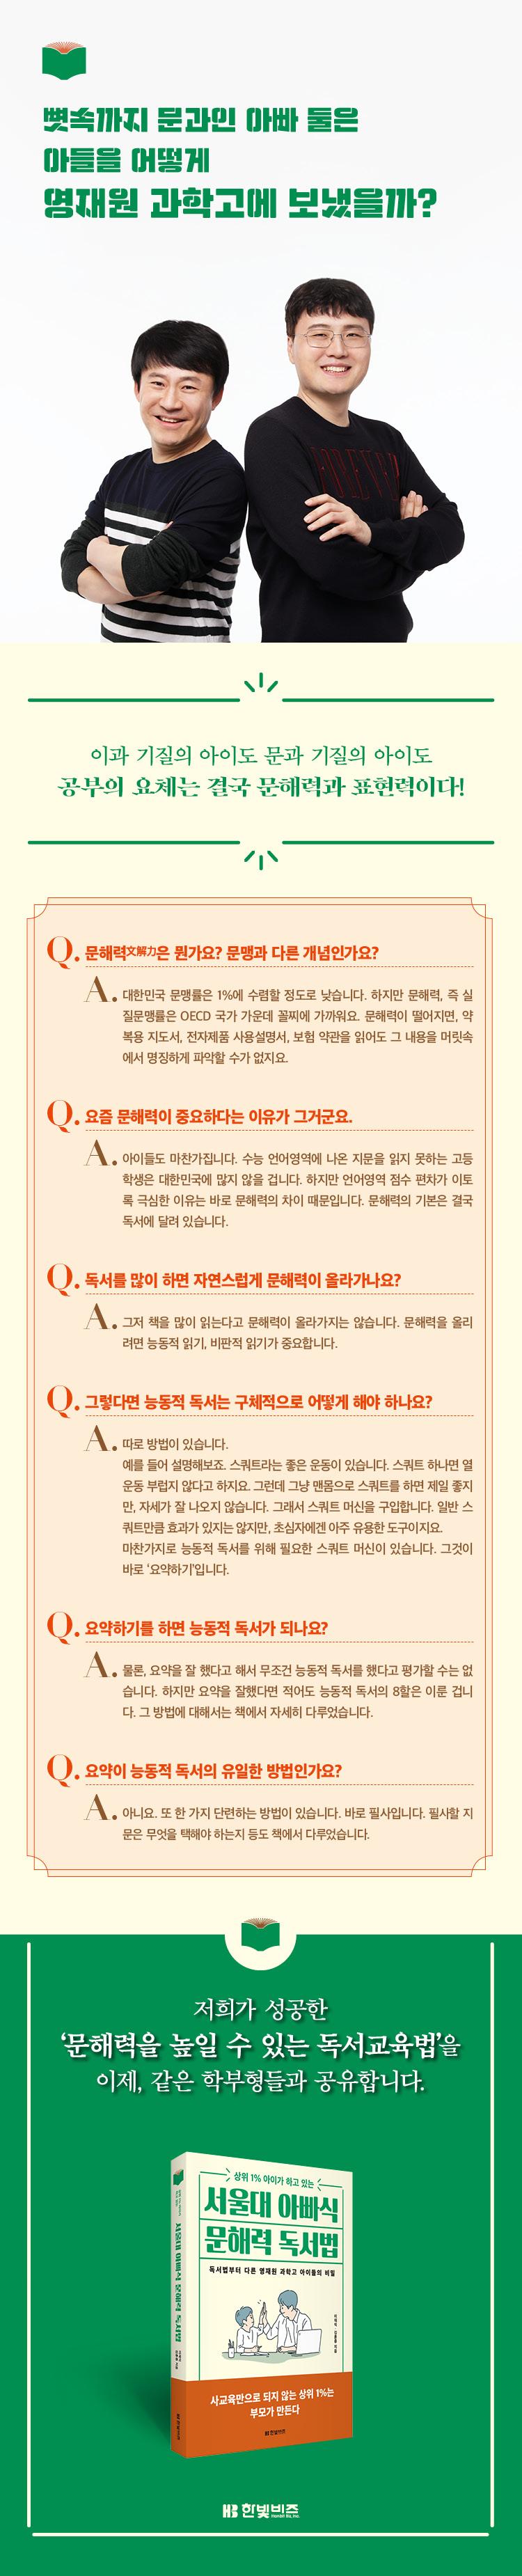 서울대아빠식문해력독서법_상세 750.jpg